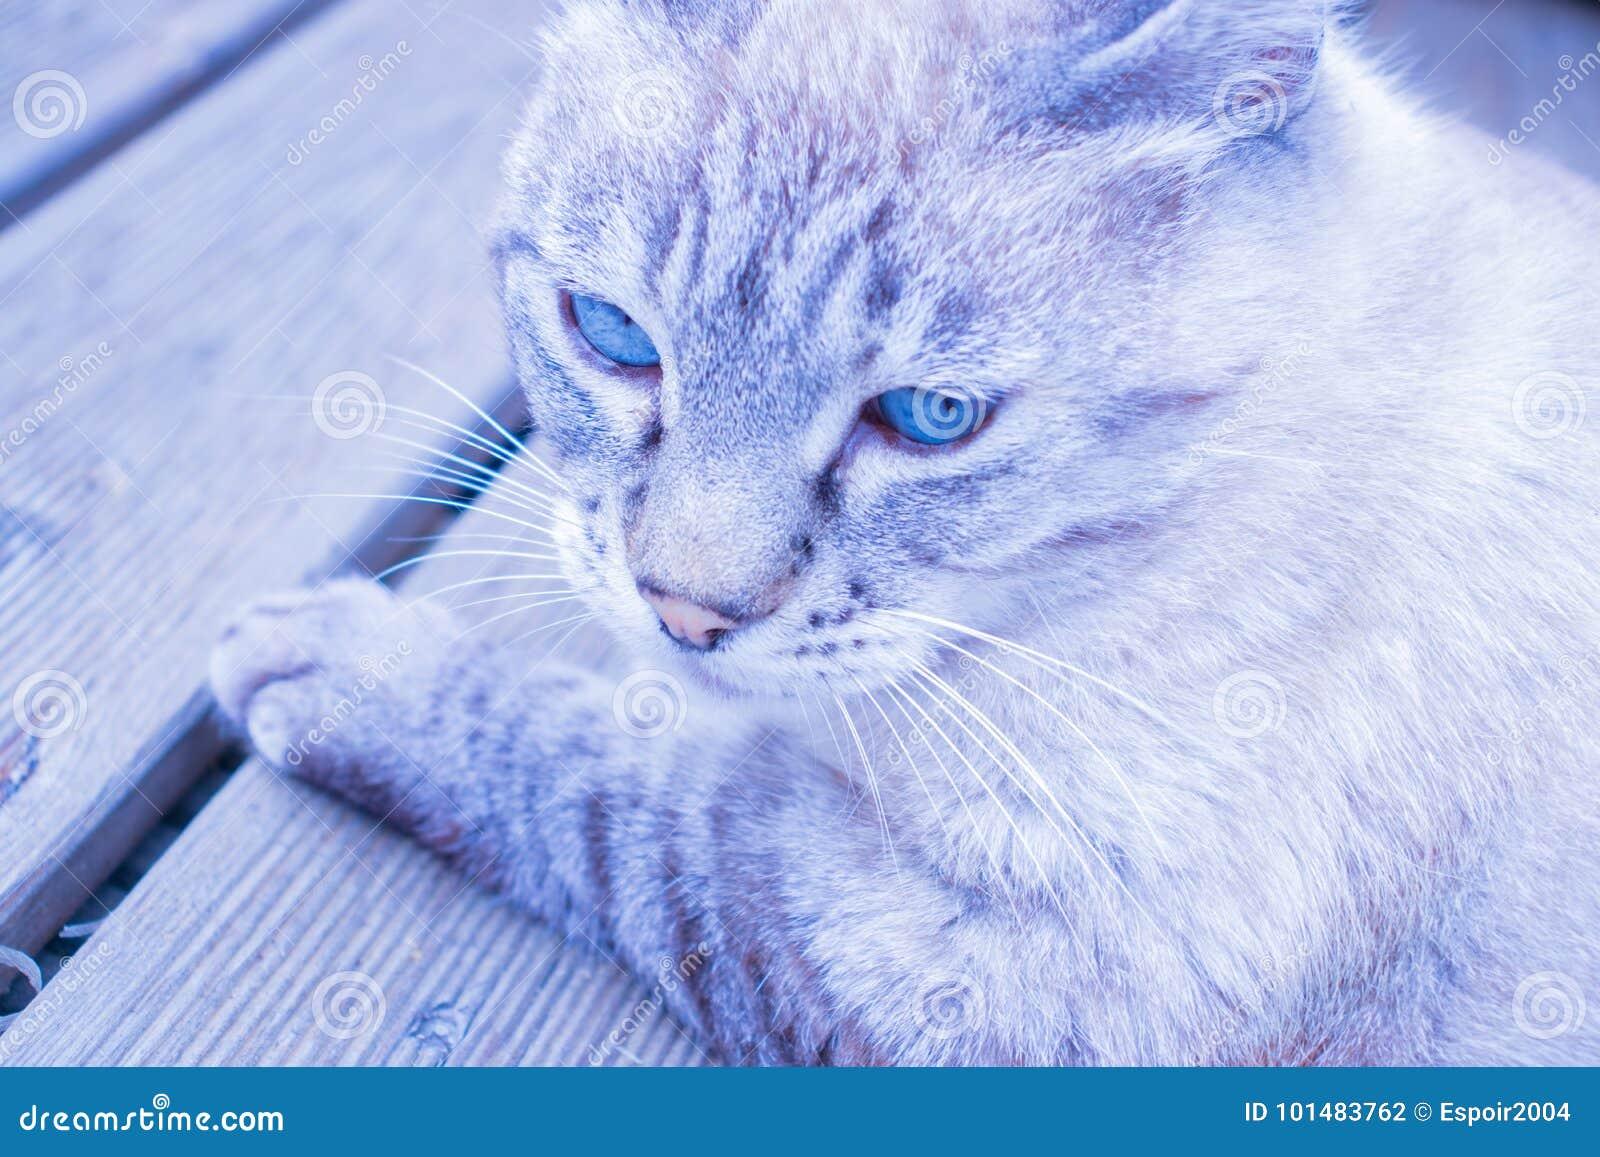 Color Gris-azul Del Gato Con Los Ojos Azules Foto de archivo ...